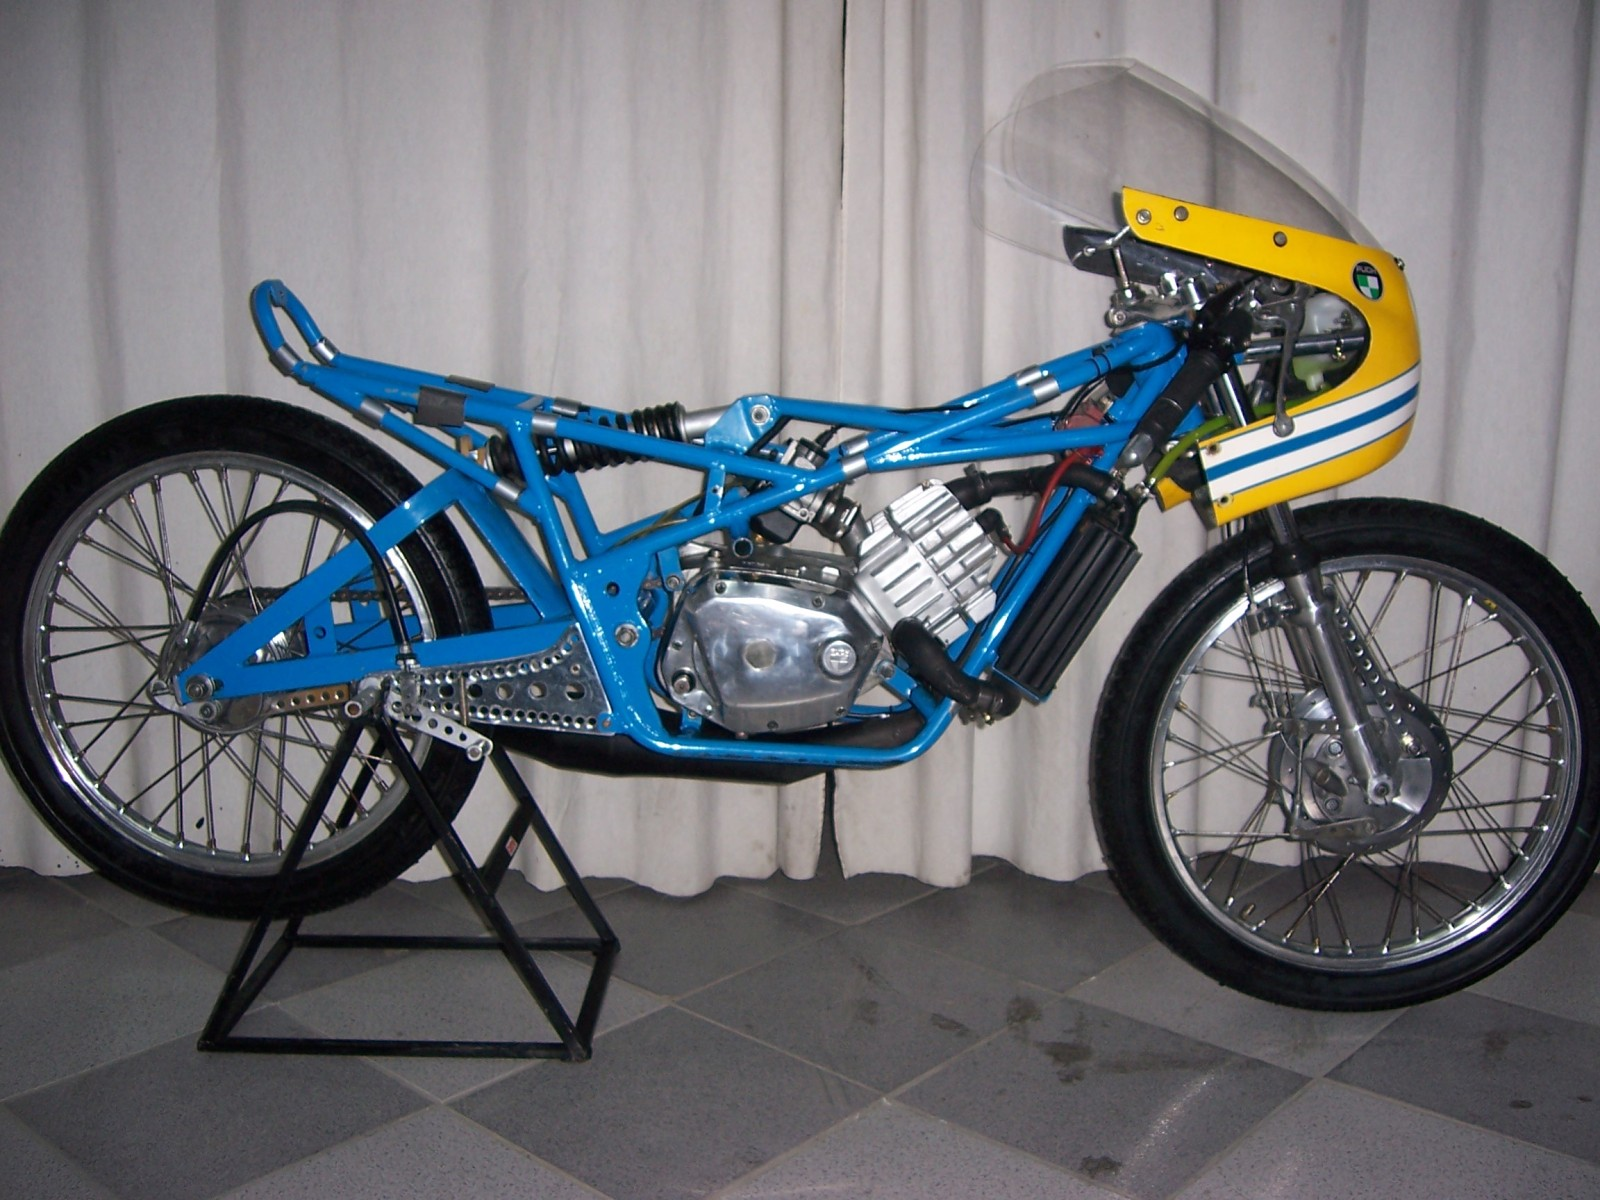 Puch Cobra - Prototipo Carreras Xm3dad